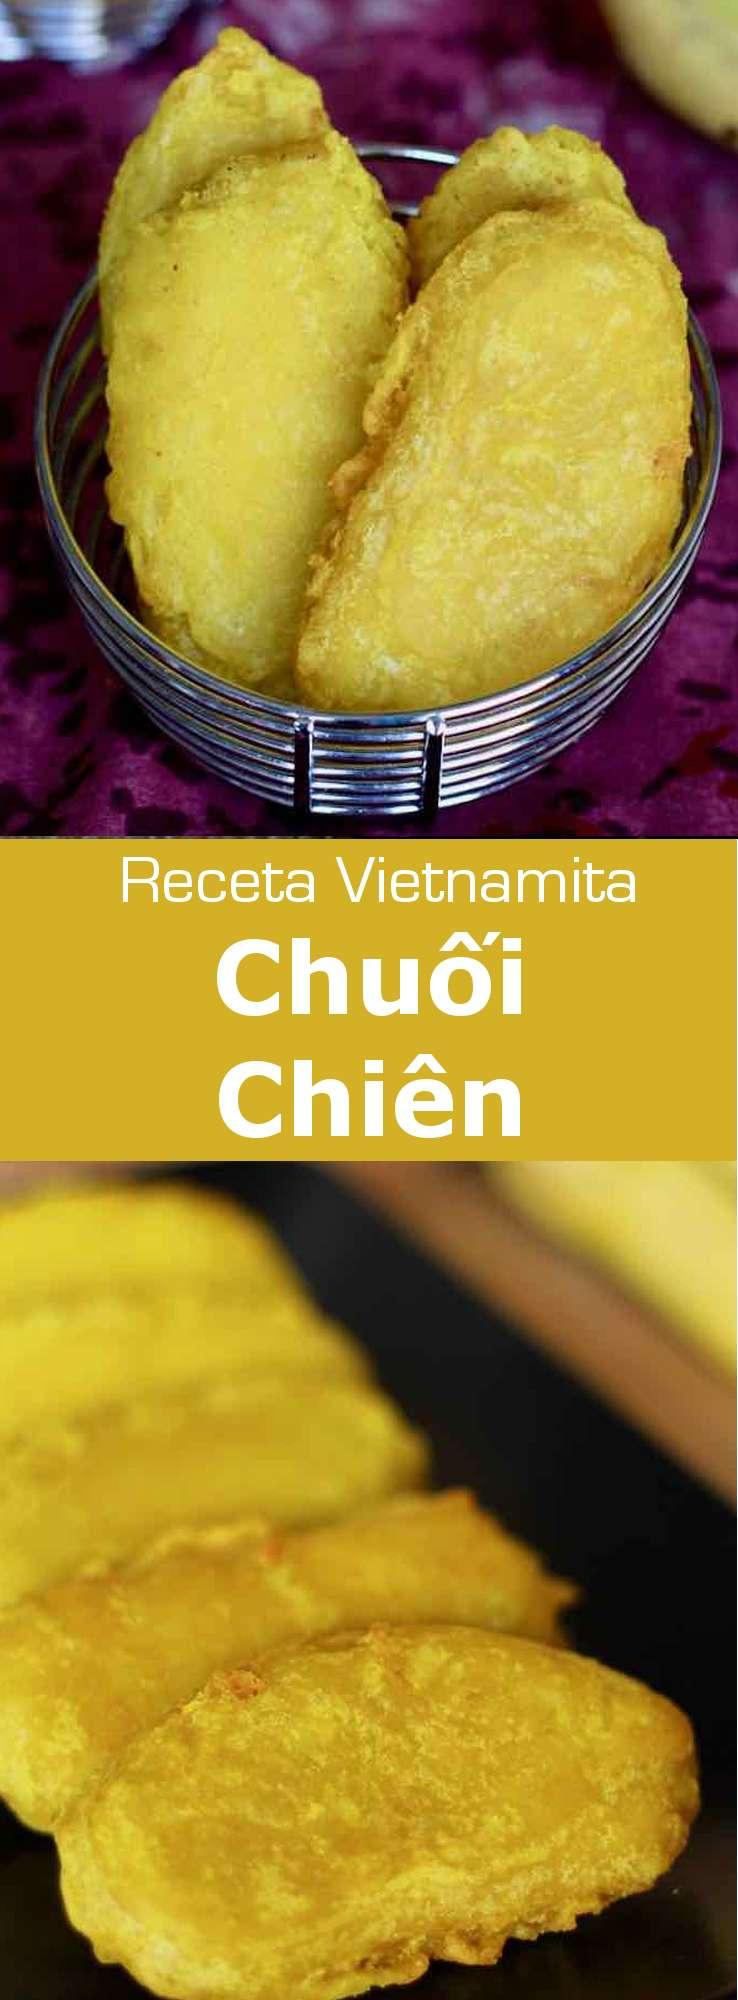 Los chuối chien son deliciosos mini-bananas sumergidas en una pasta de harina de arroz y fritas, típicas de la cocina vietnamita.